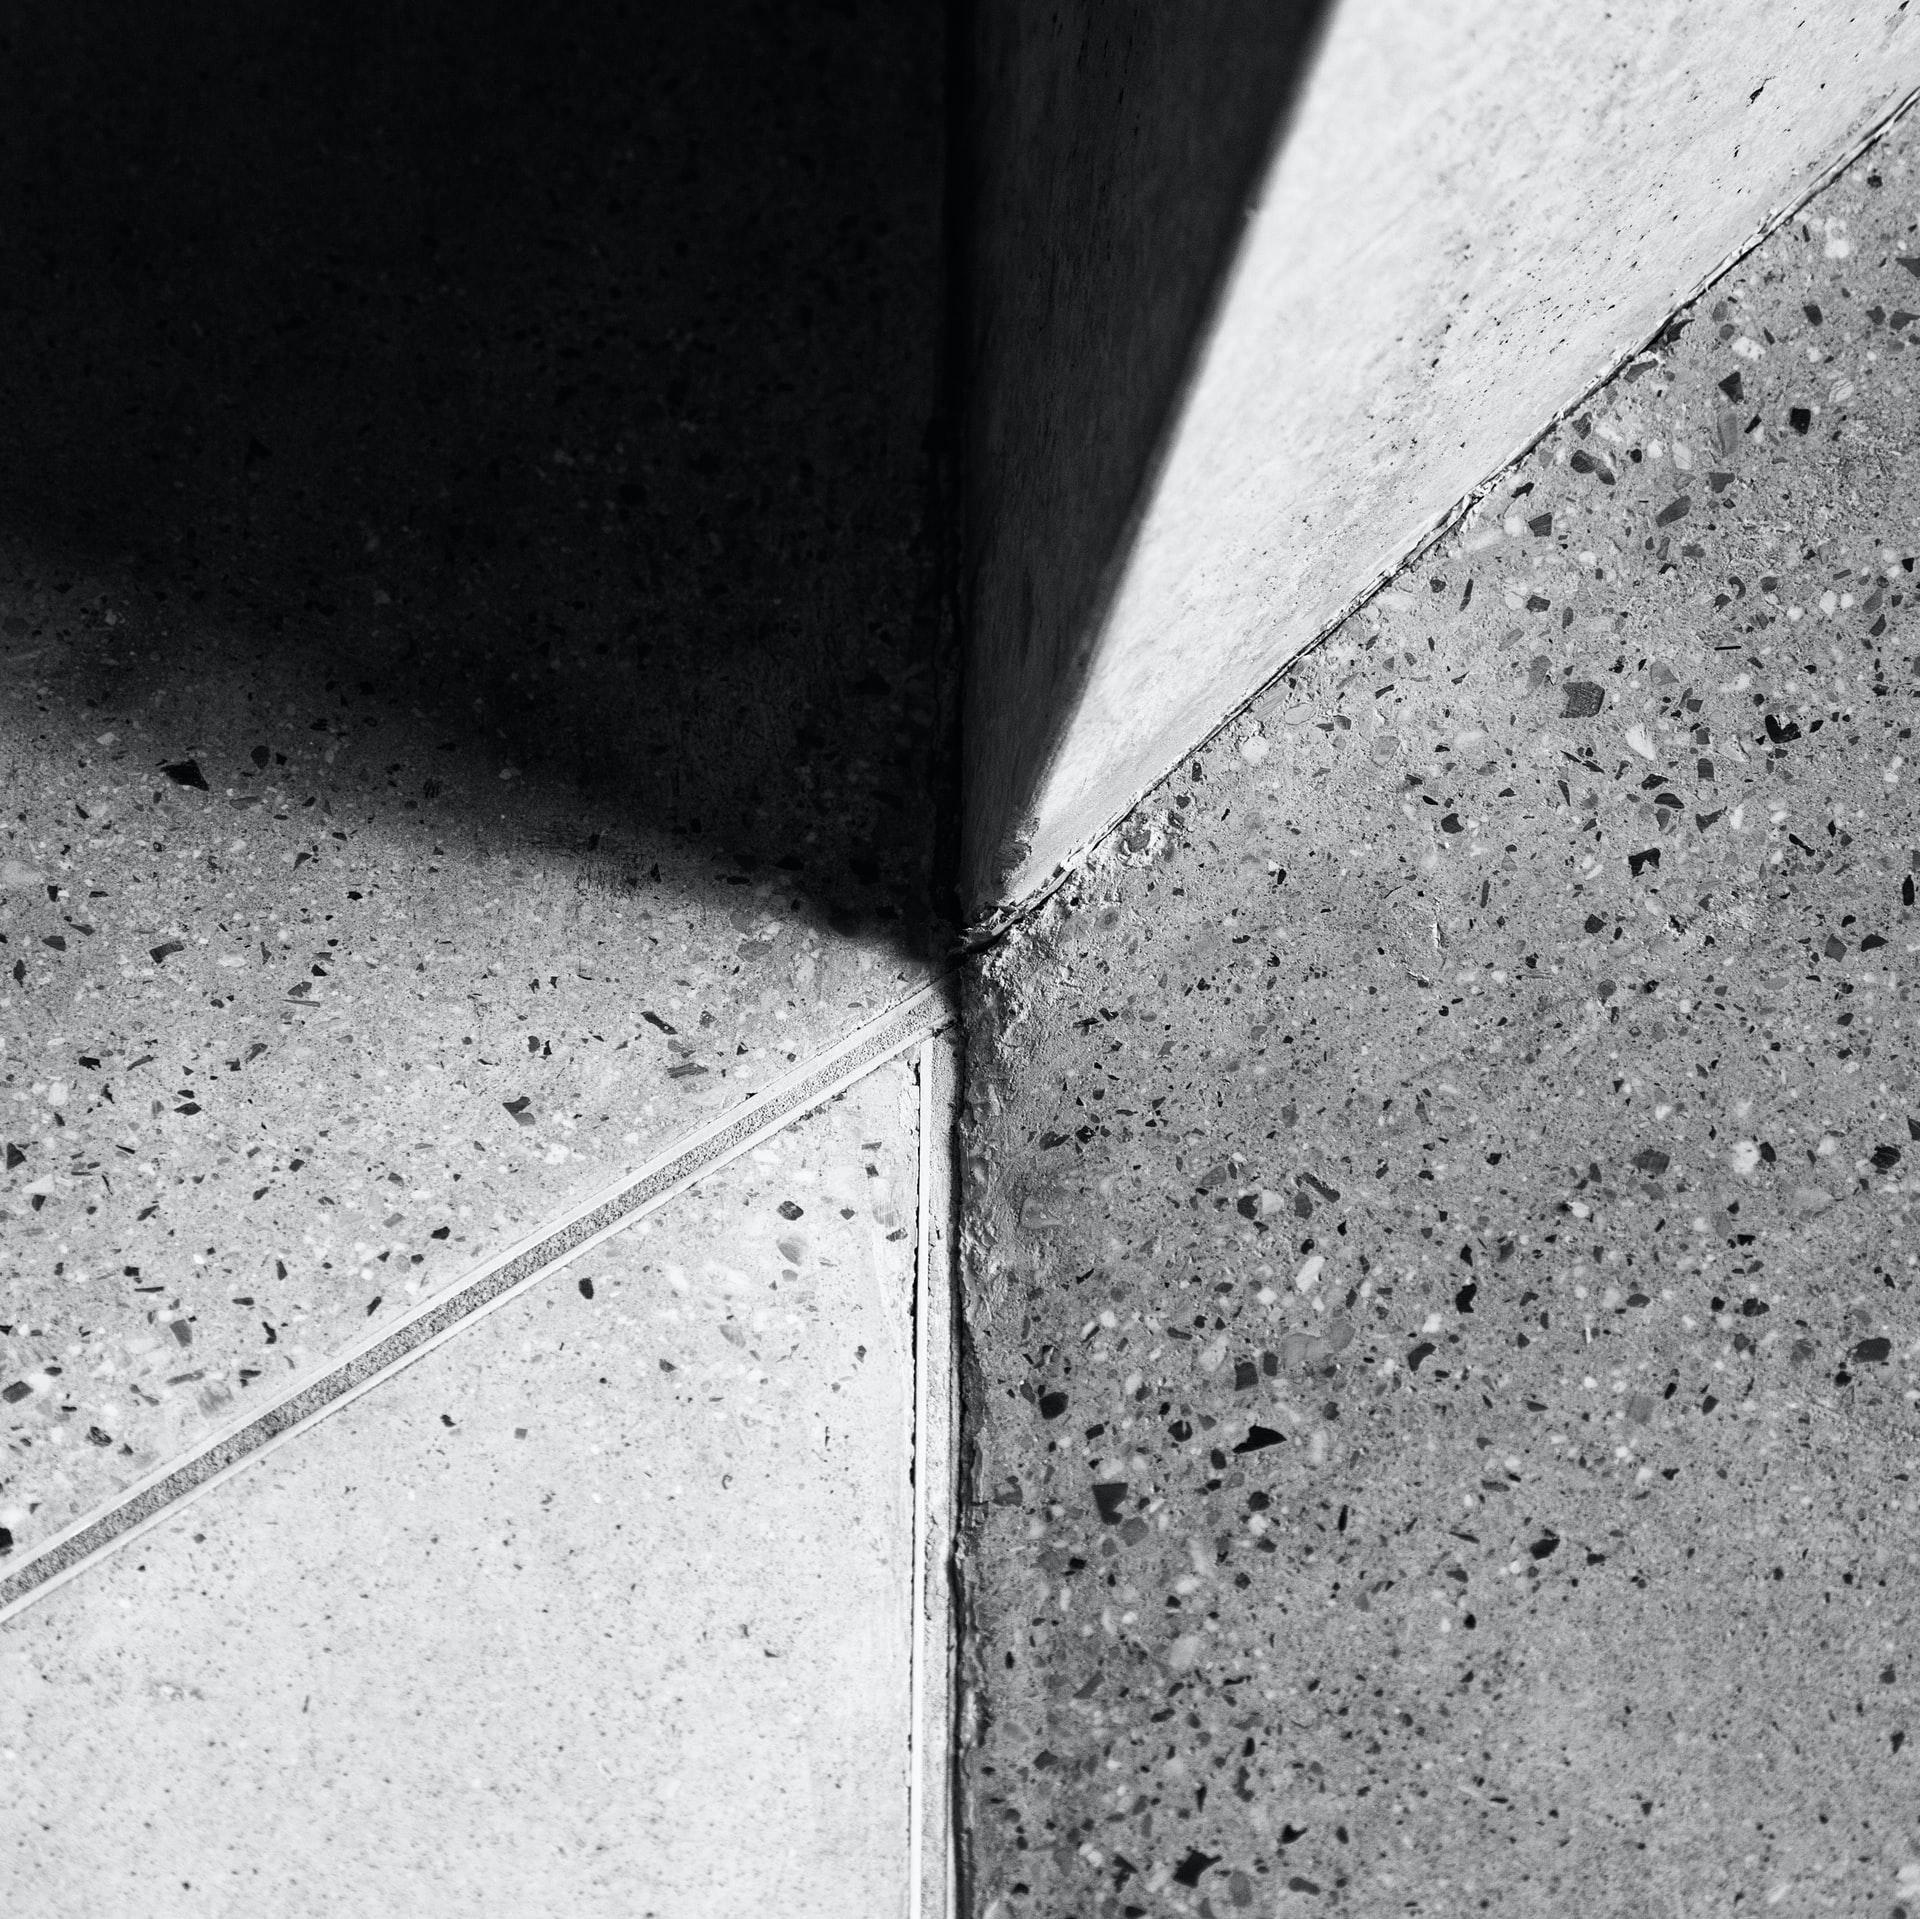 Brug sommerferien på at lægge betongulv